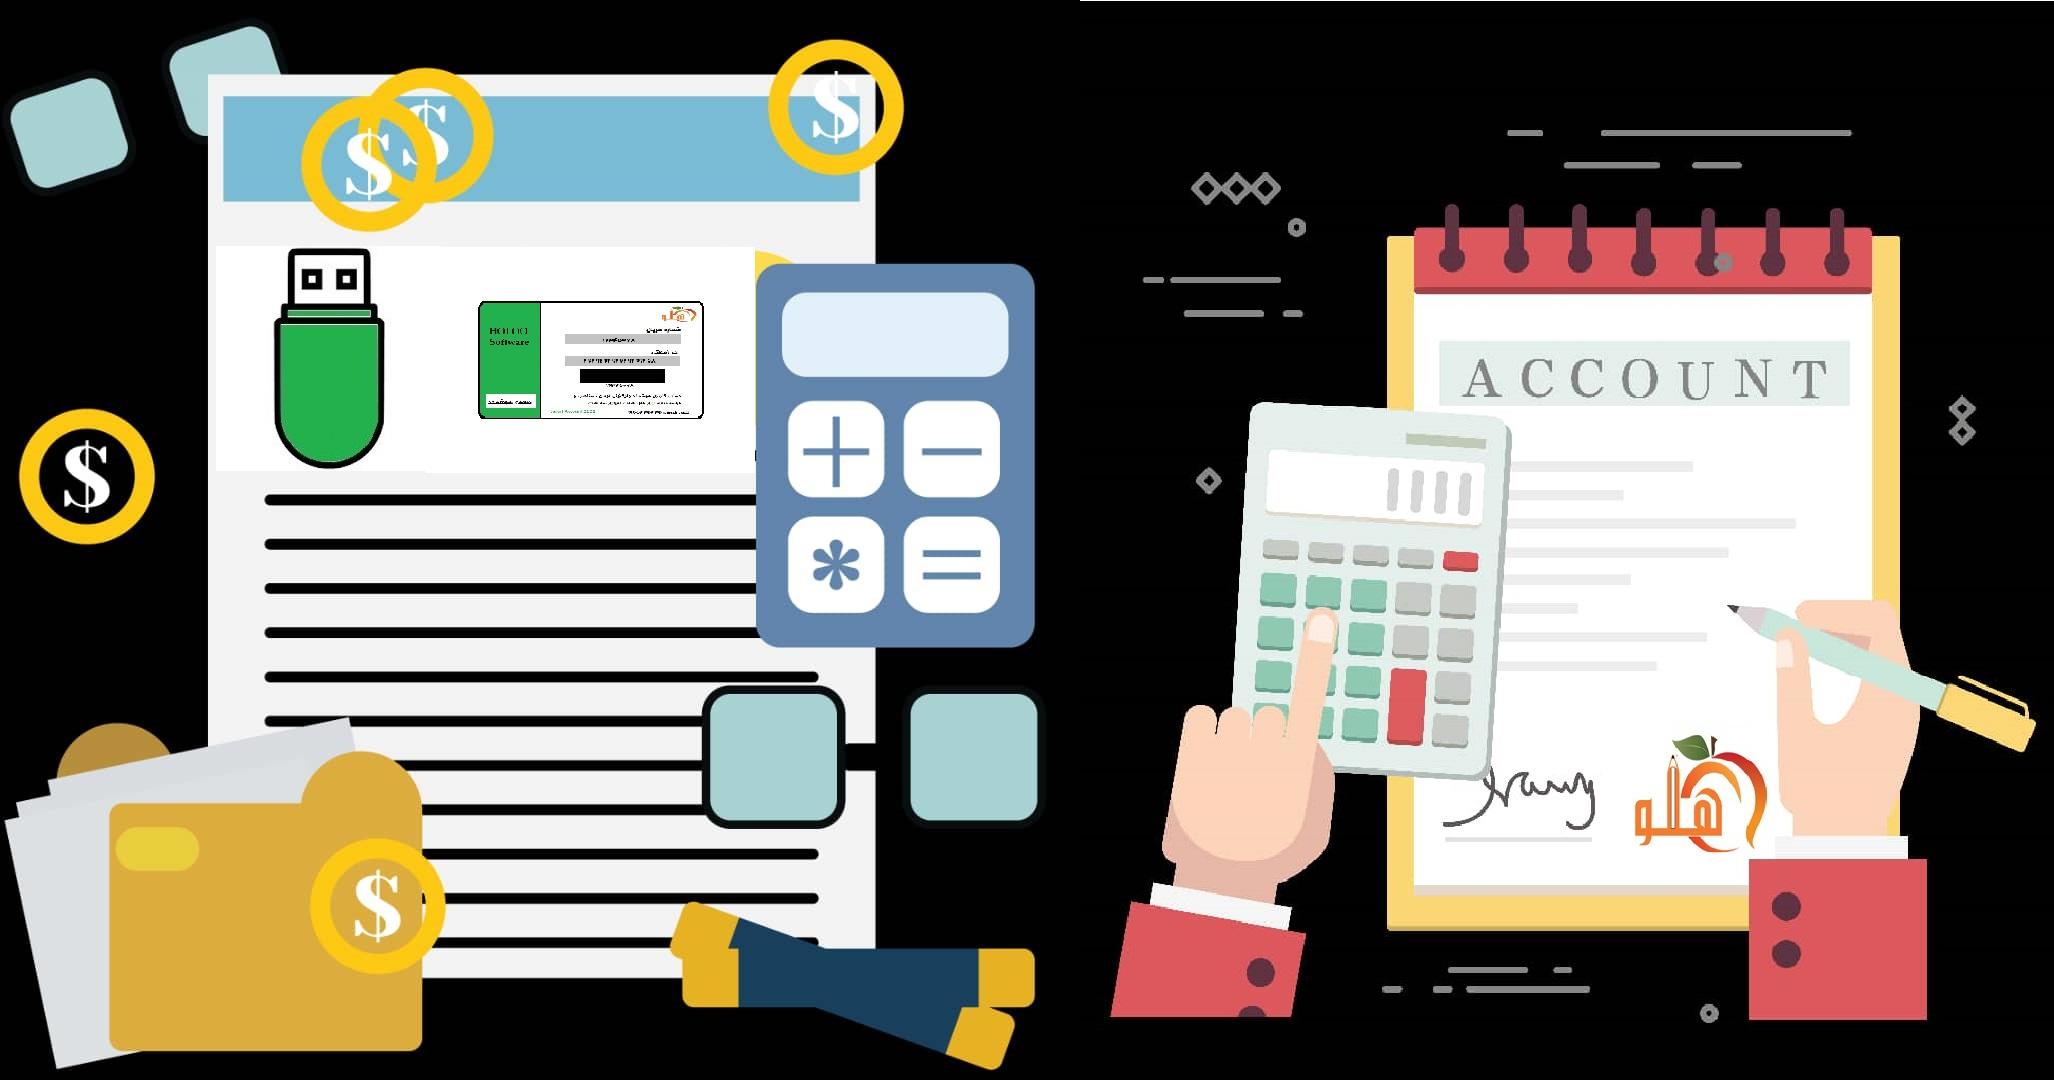 معرفی نرم افزار حسابداری هلو به همراه امکانات ، قابلیت ها و لیست قیمت نرم افزار هلو